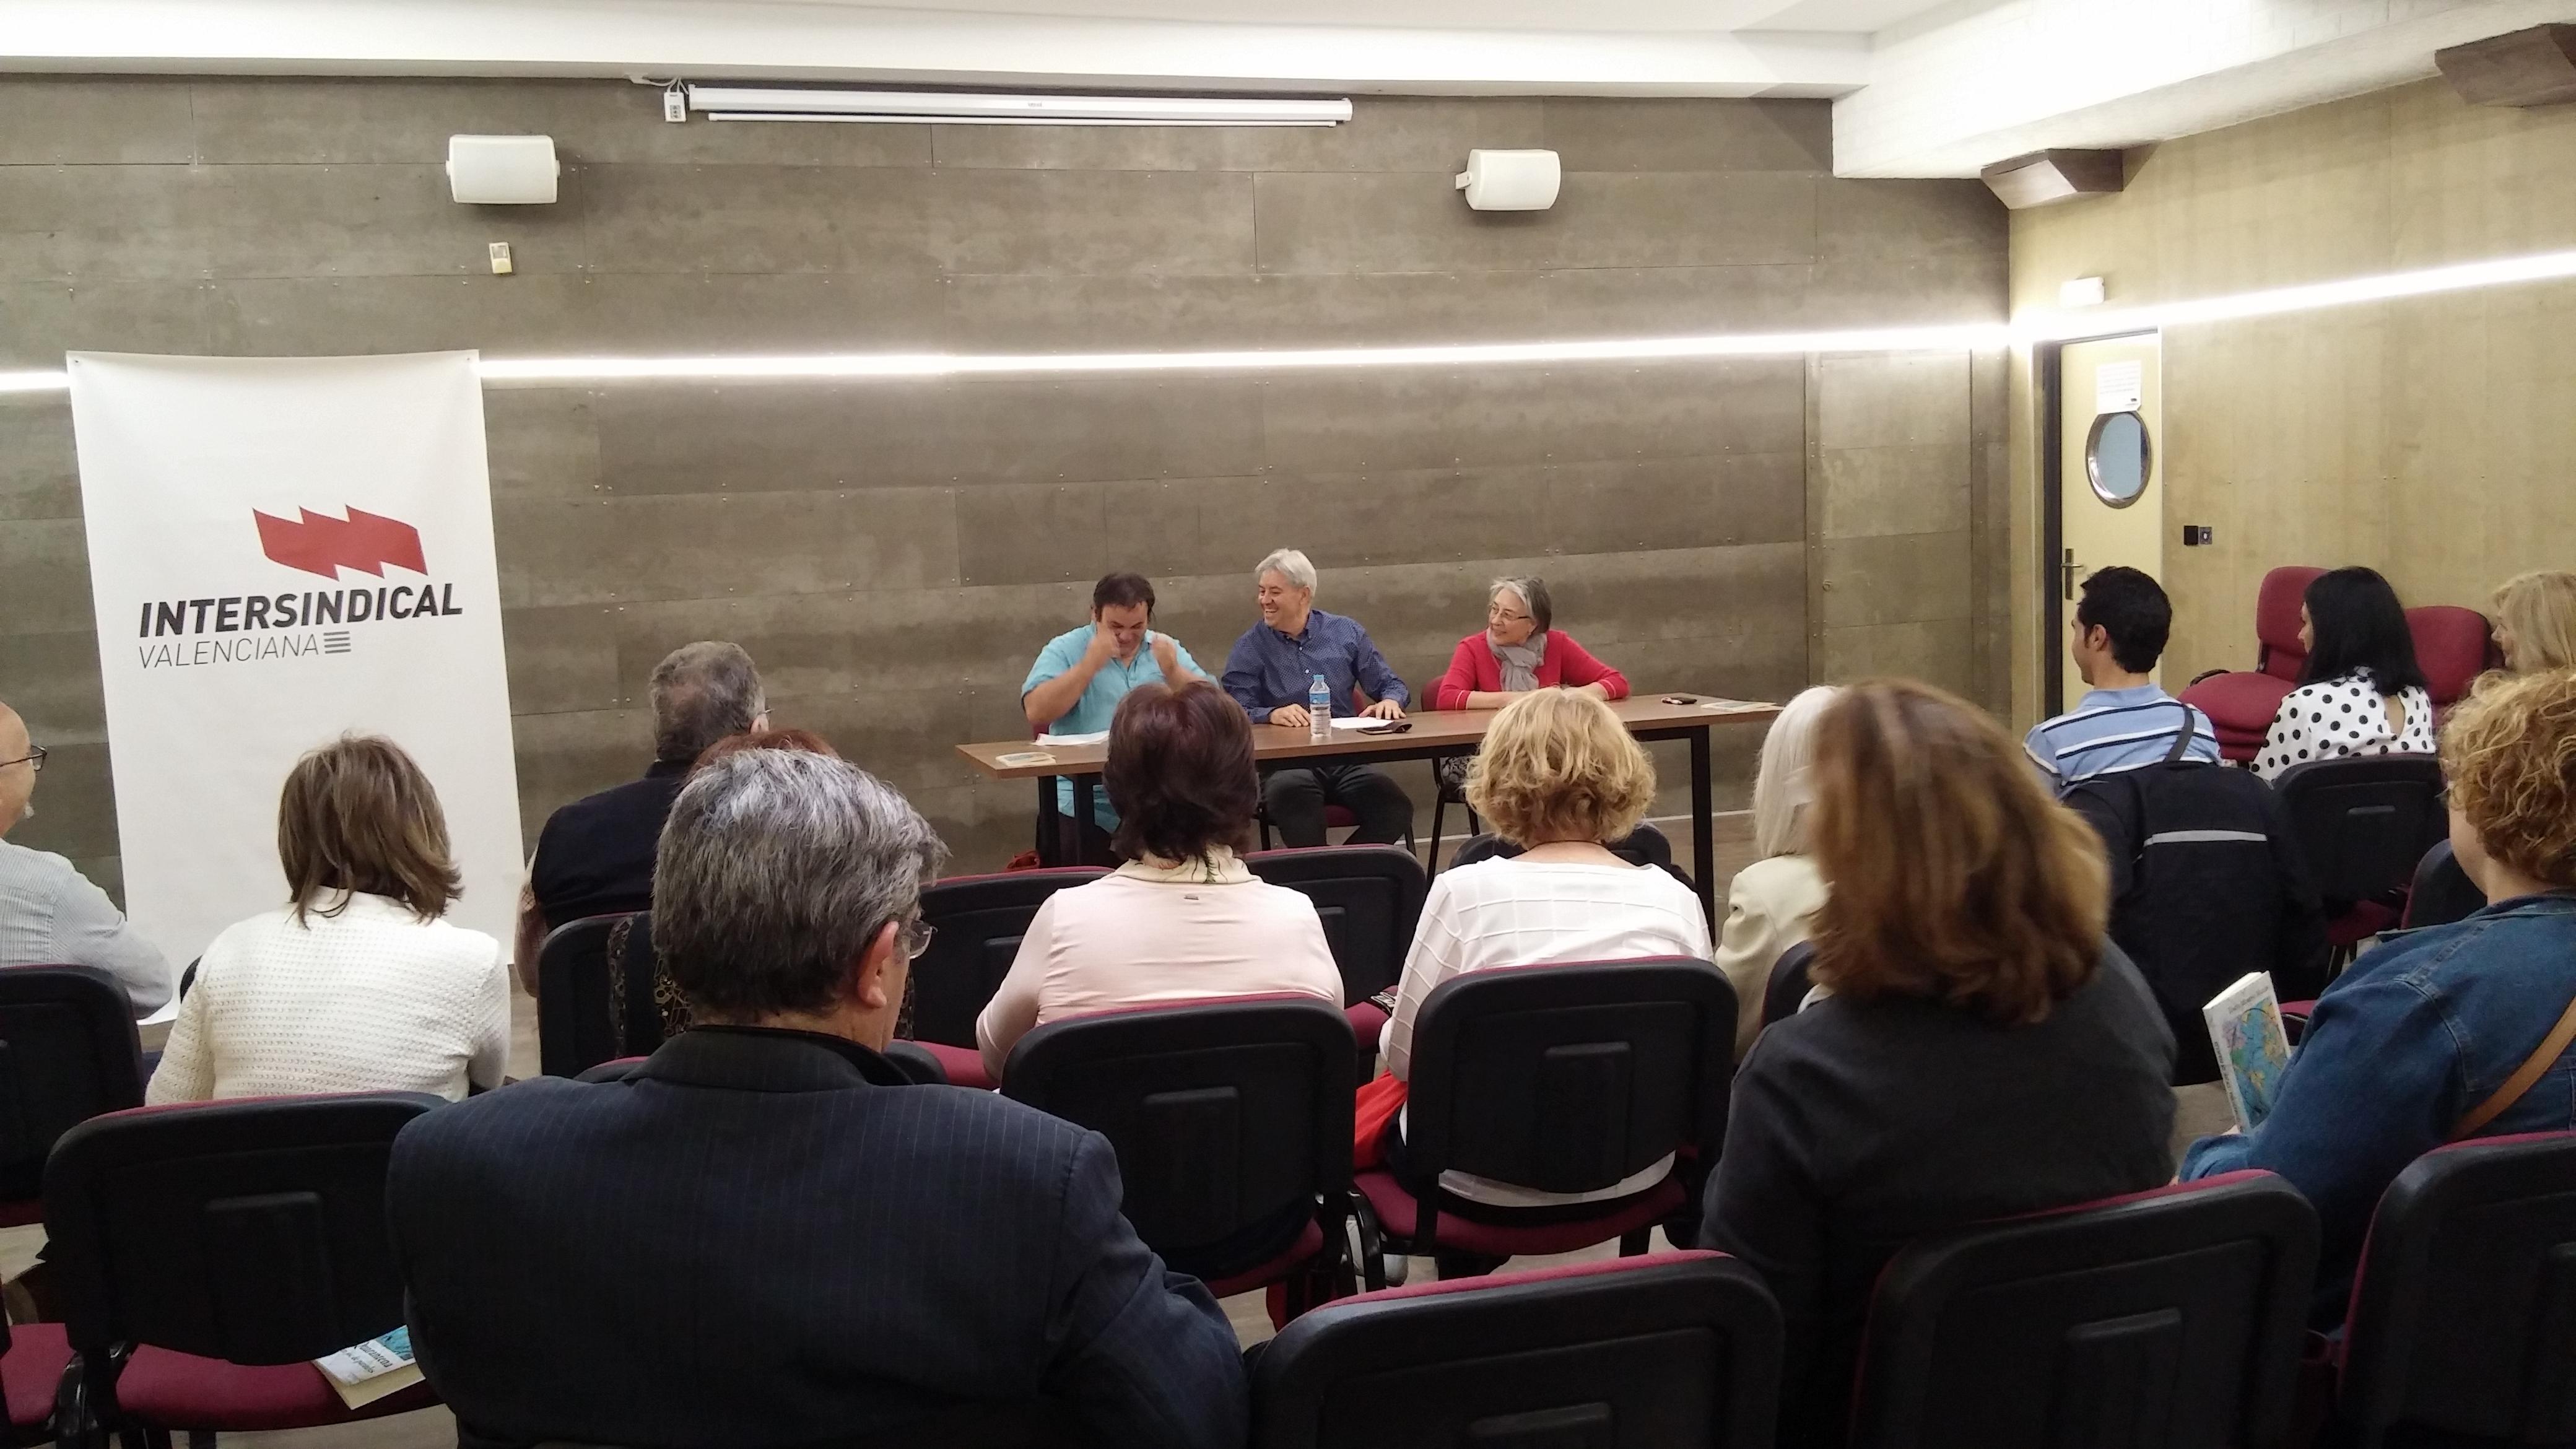 Un moment de la intervenció d'Antoni Rovira. Foto: Miquel Calatayud